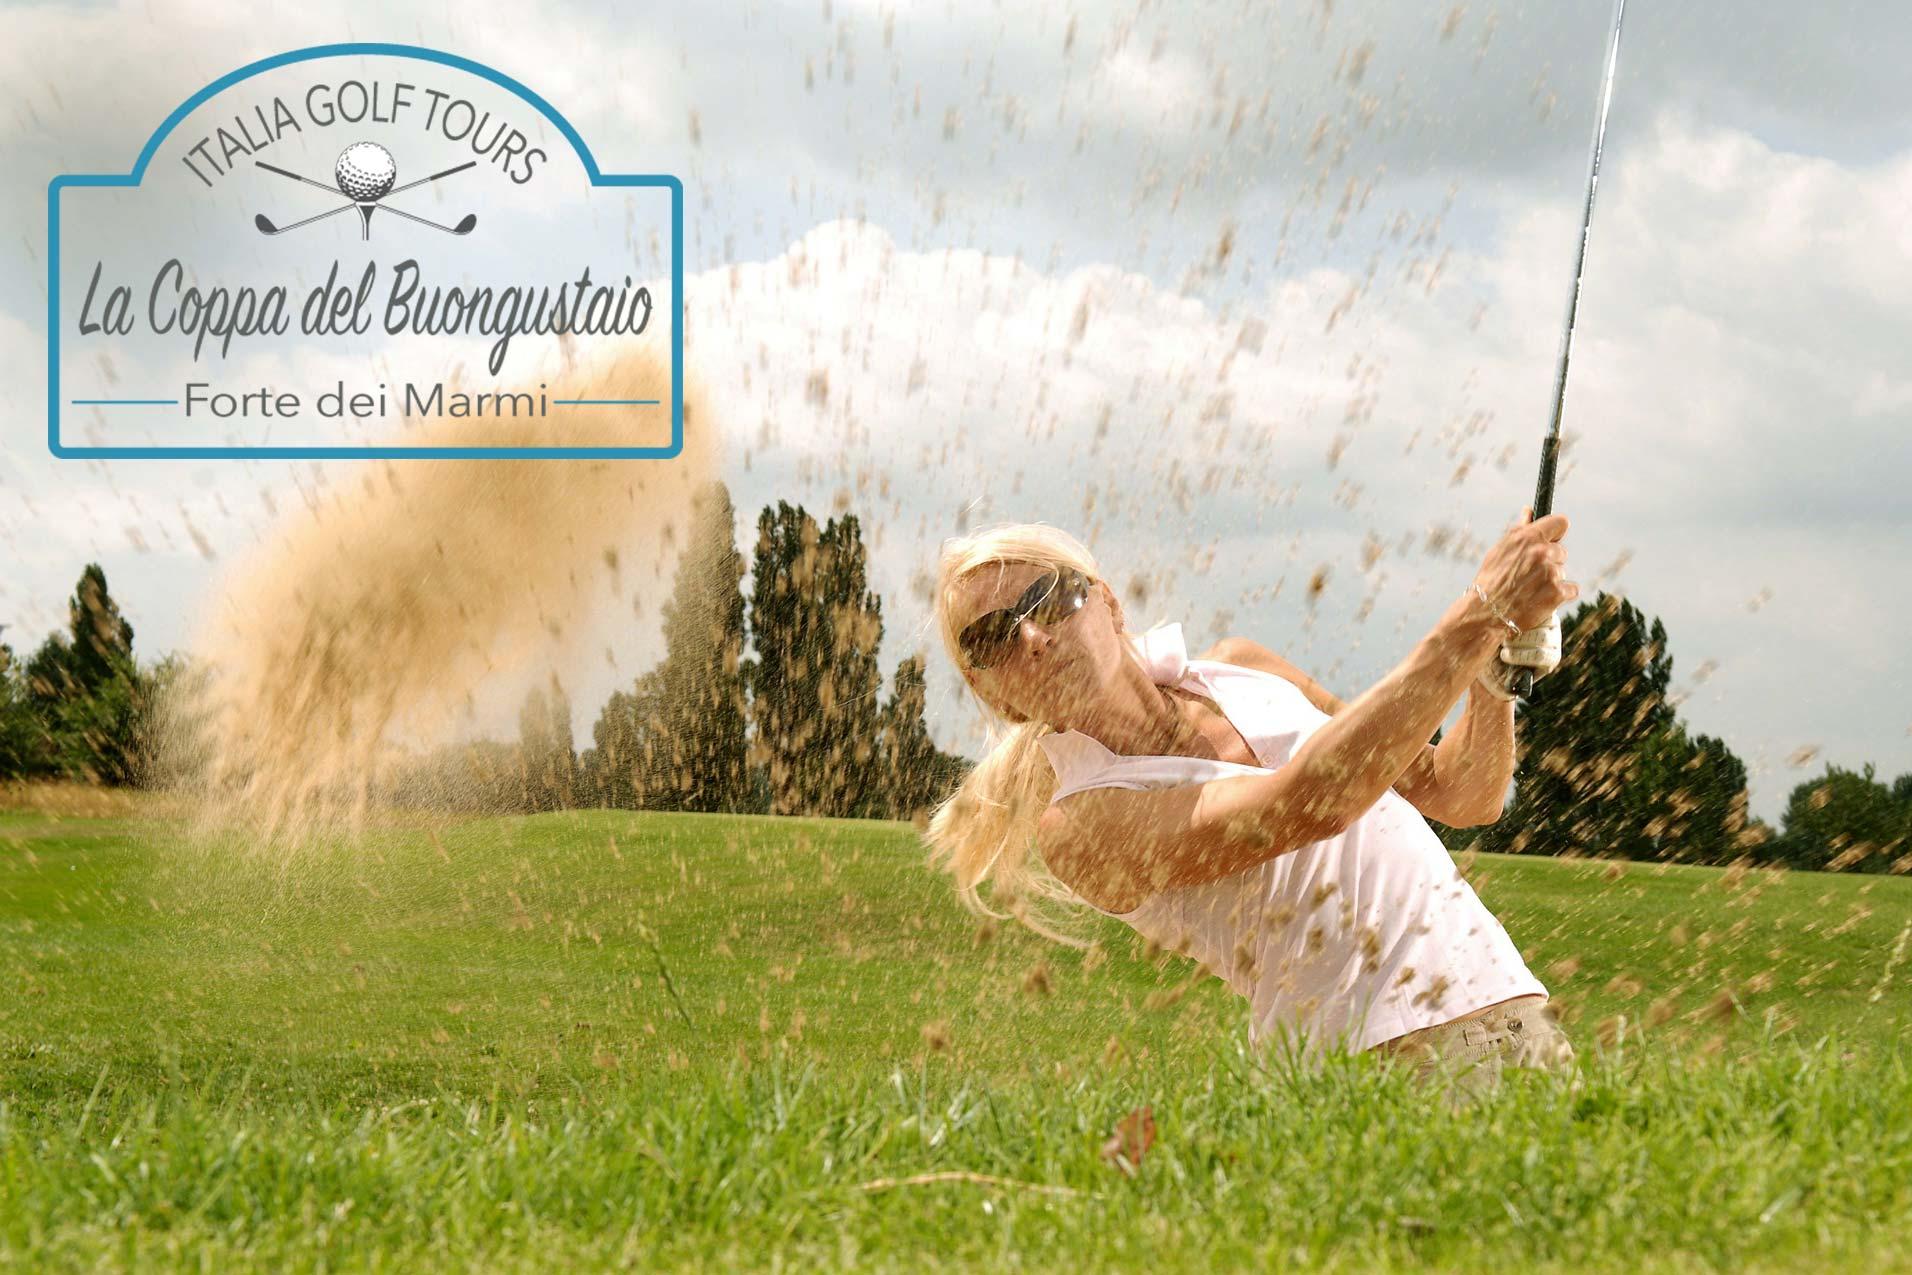 Turnierreise rund um das Thema Golf & Gourmet